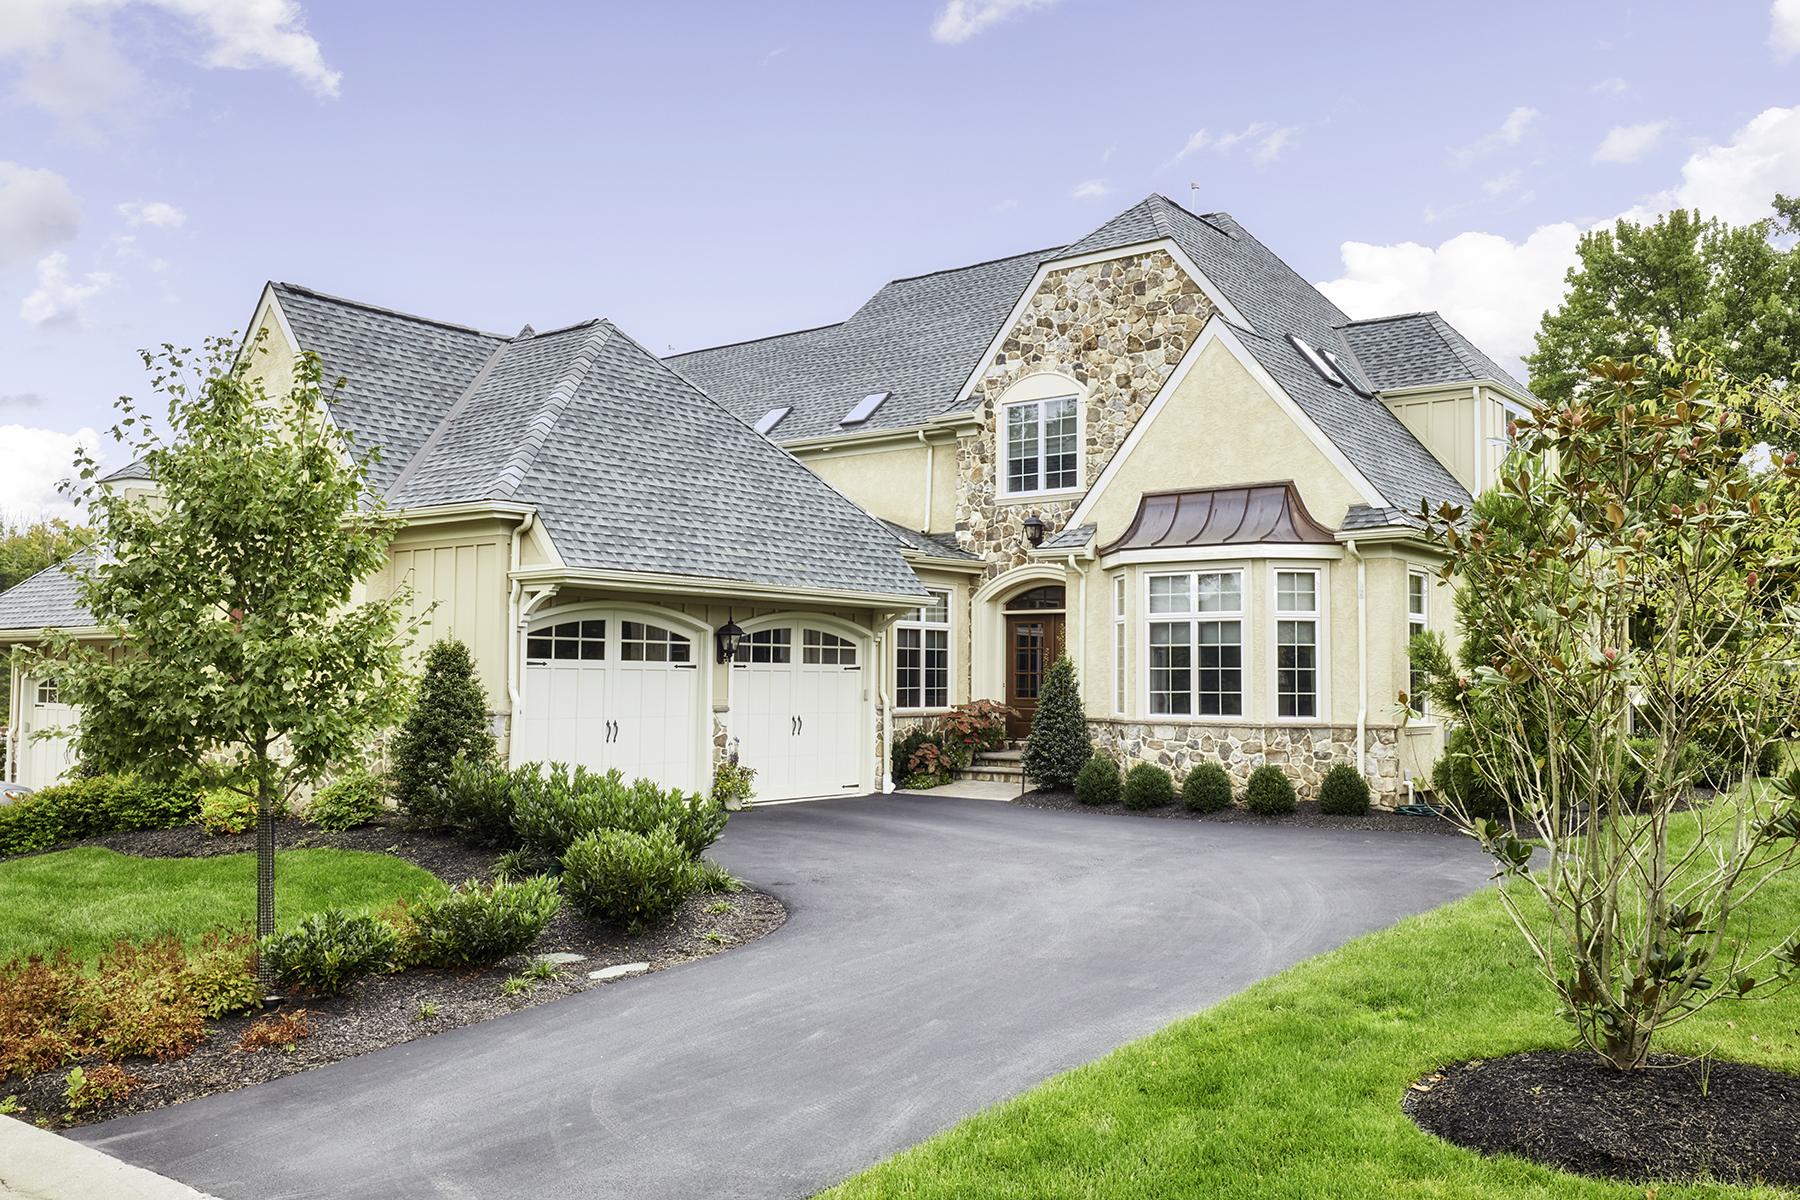 Villa per Vendita alle ore Main Line 131 Green Lane Haverford, Pensilvania, 19041 Stati Uniti